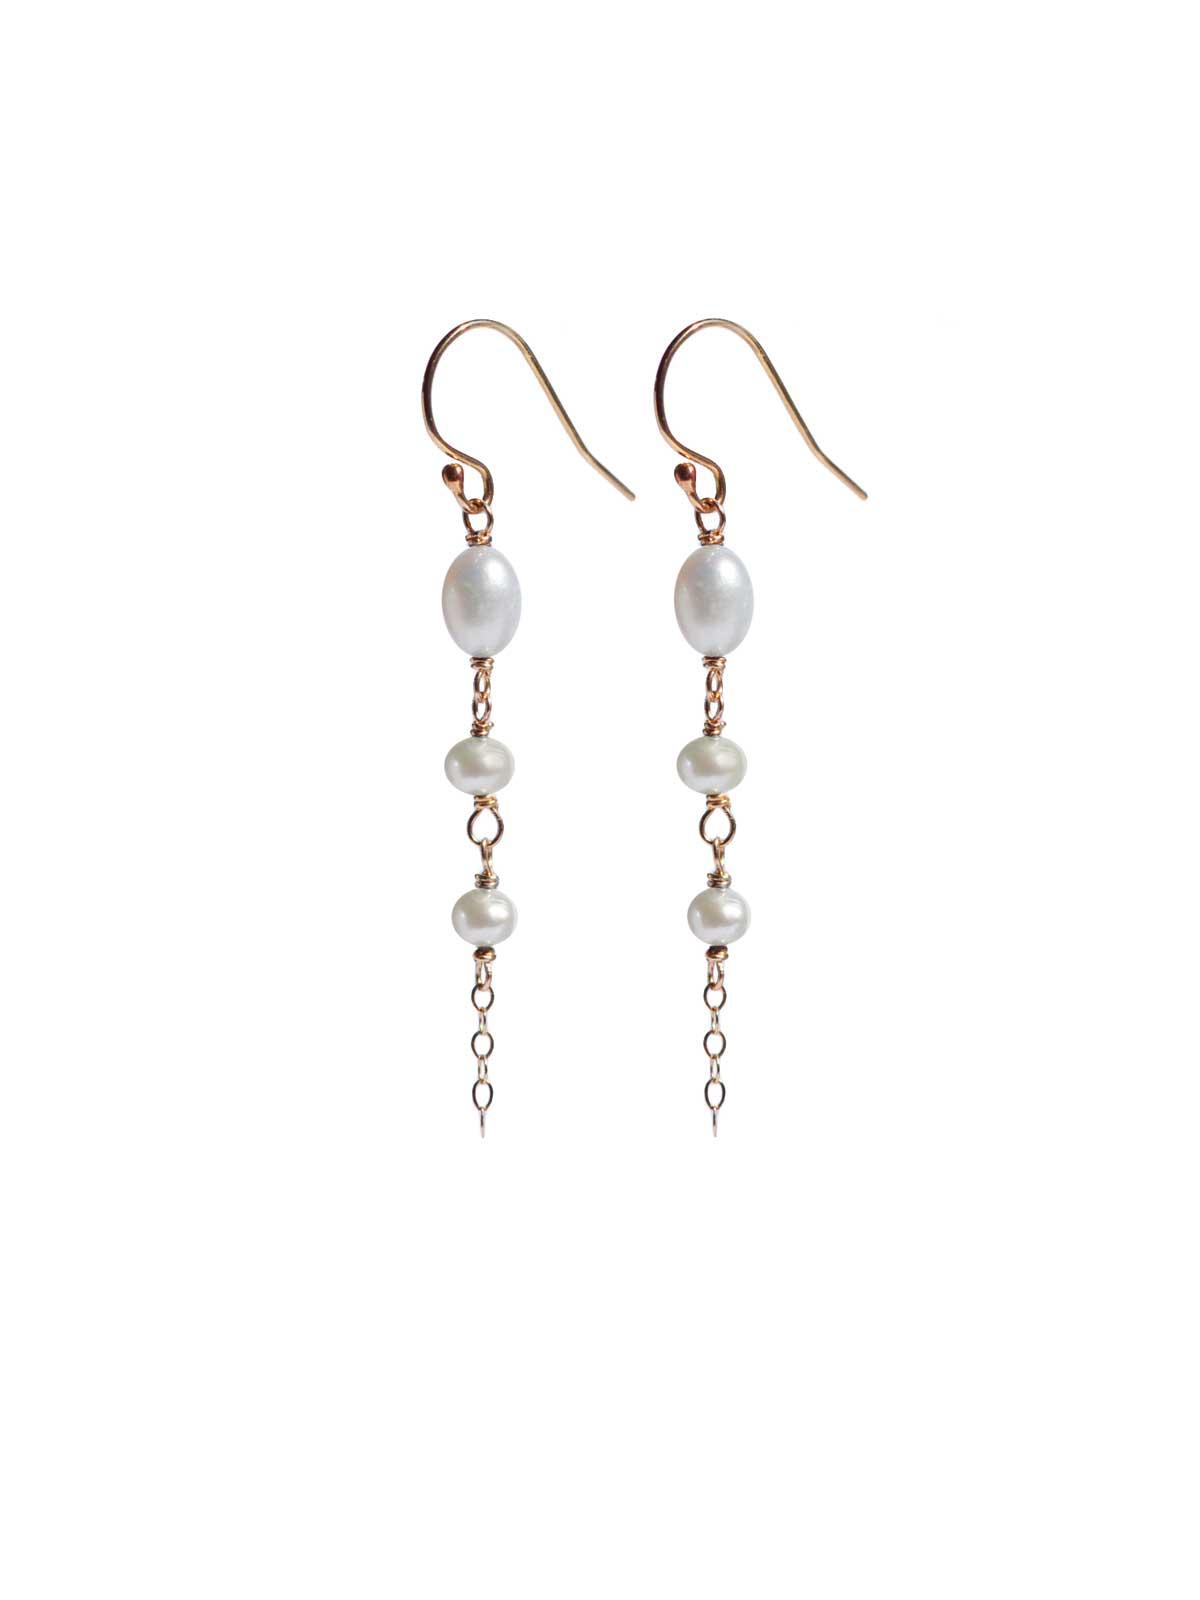 Earrings 14K Gold-filled white Freshwater Pearls